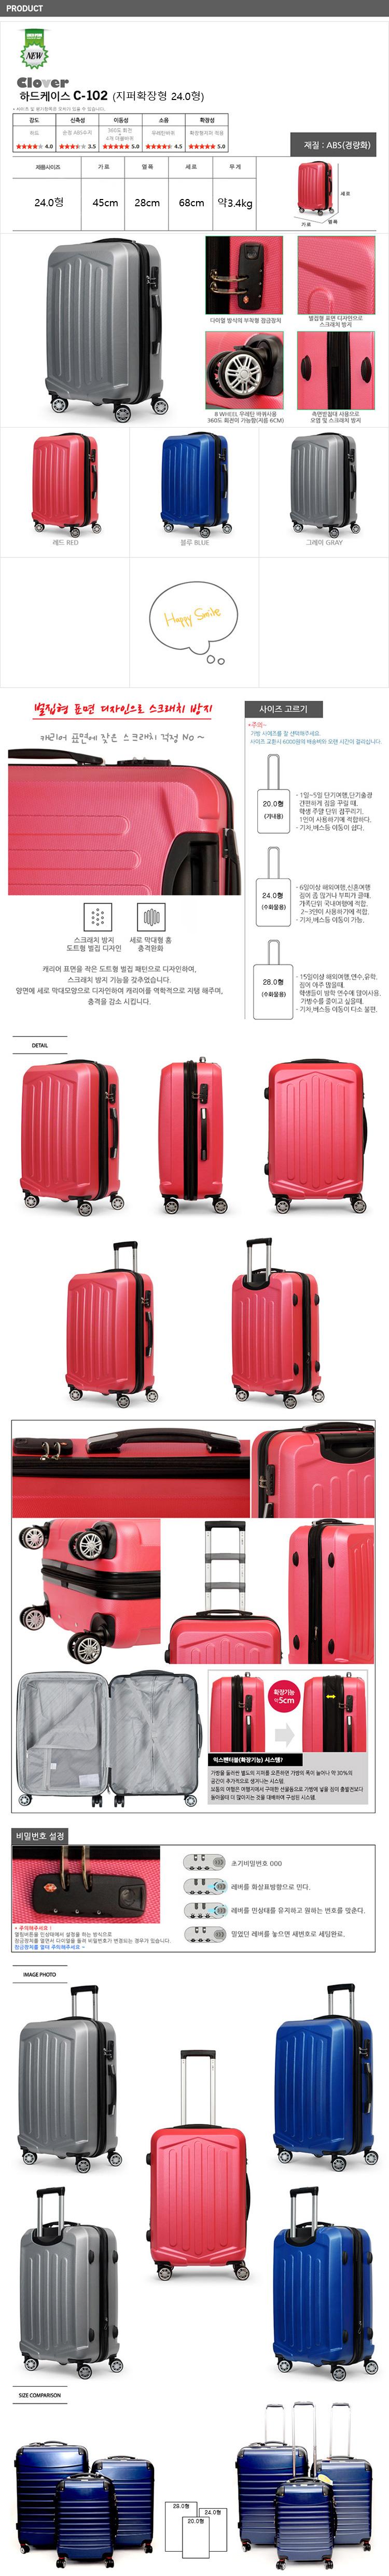 캐리어,기내용캐리어,여행용캐리어,여행가방,하드케이스